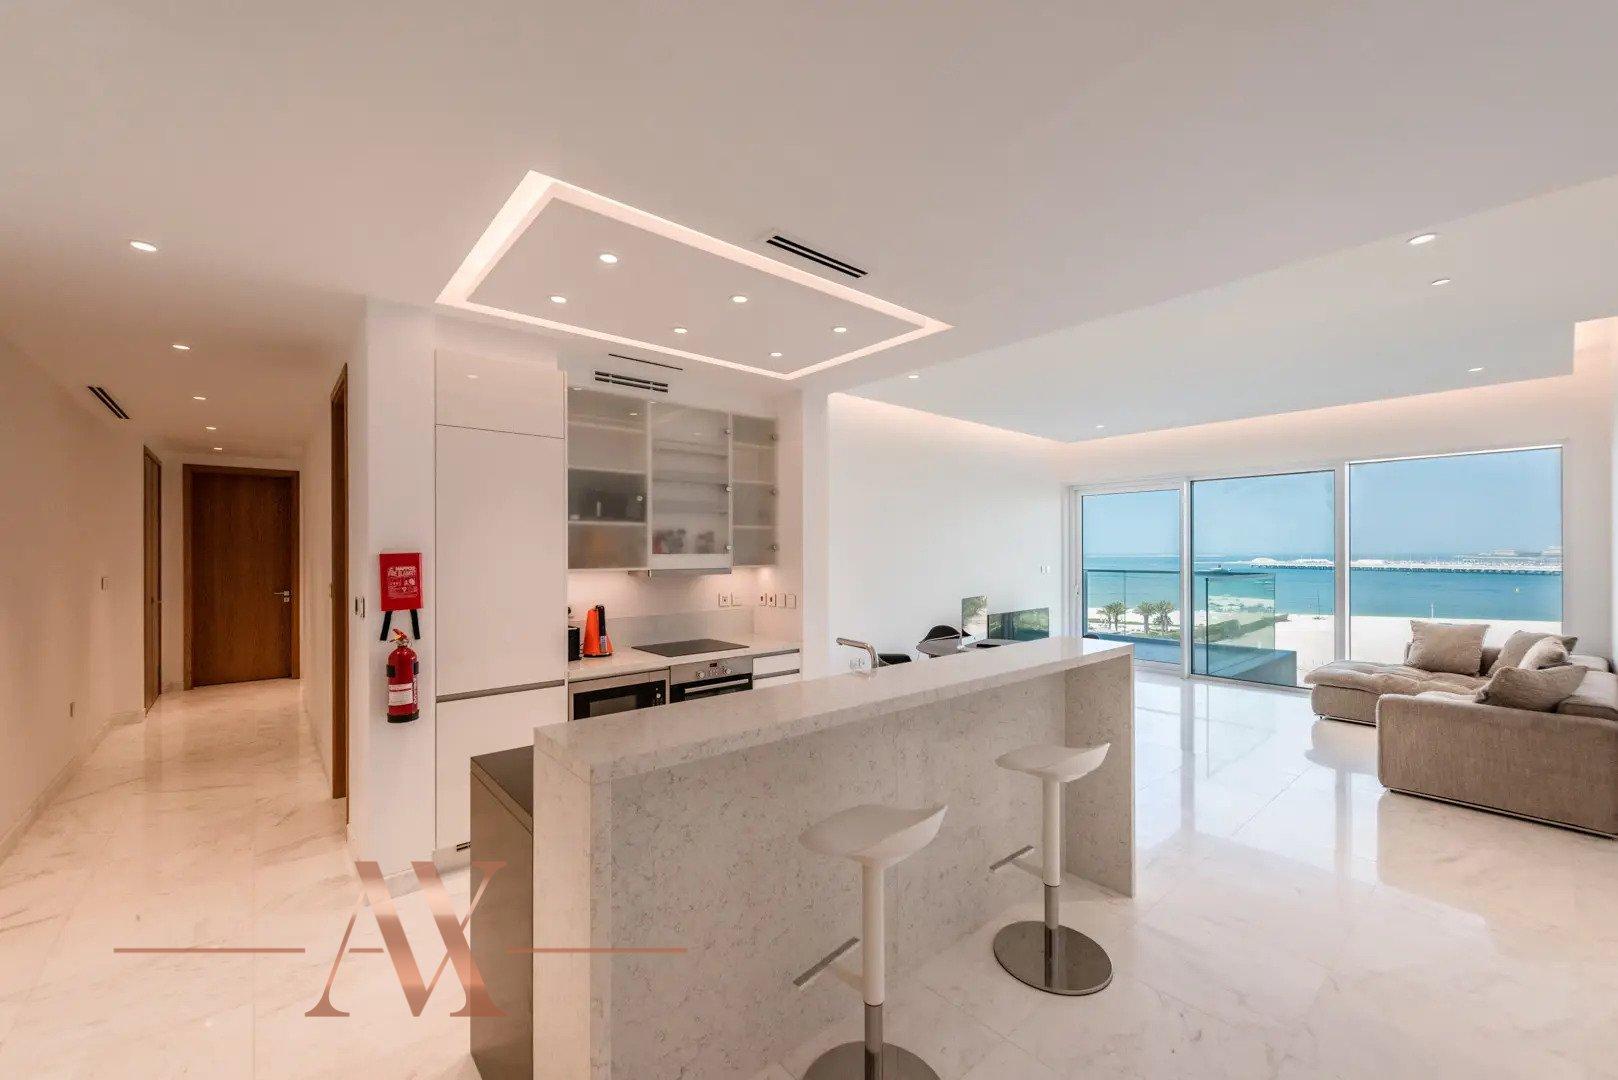 Apartamento en venta en Dubai, EAU, 2 dormitorios, 178 m2, № 24218 – foto 1